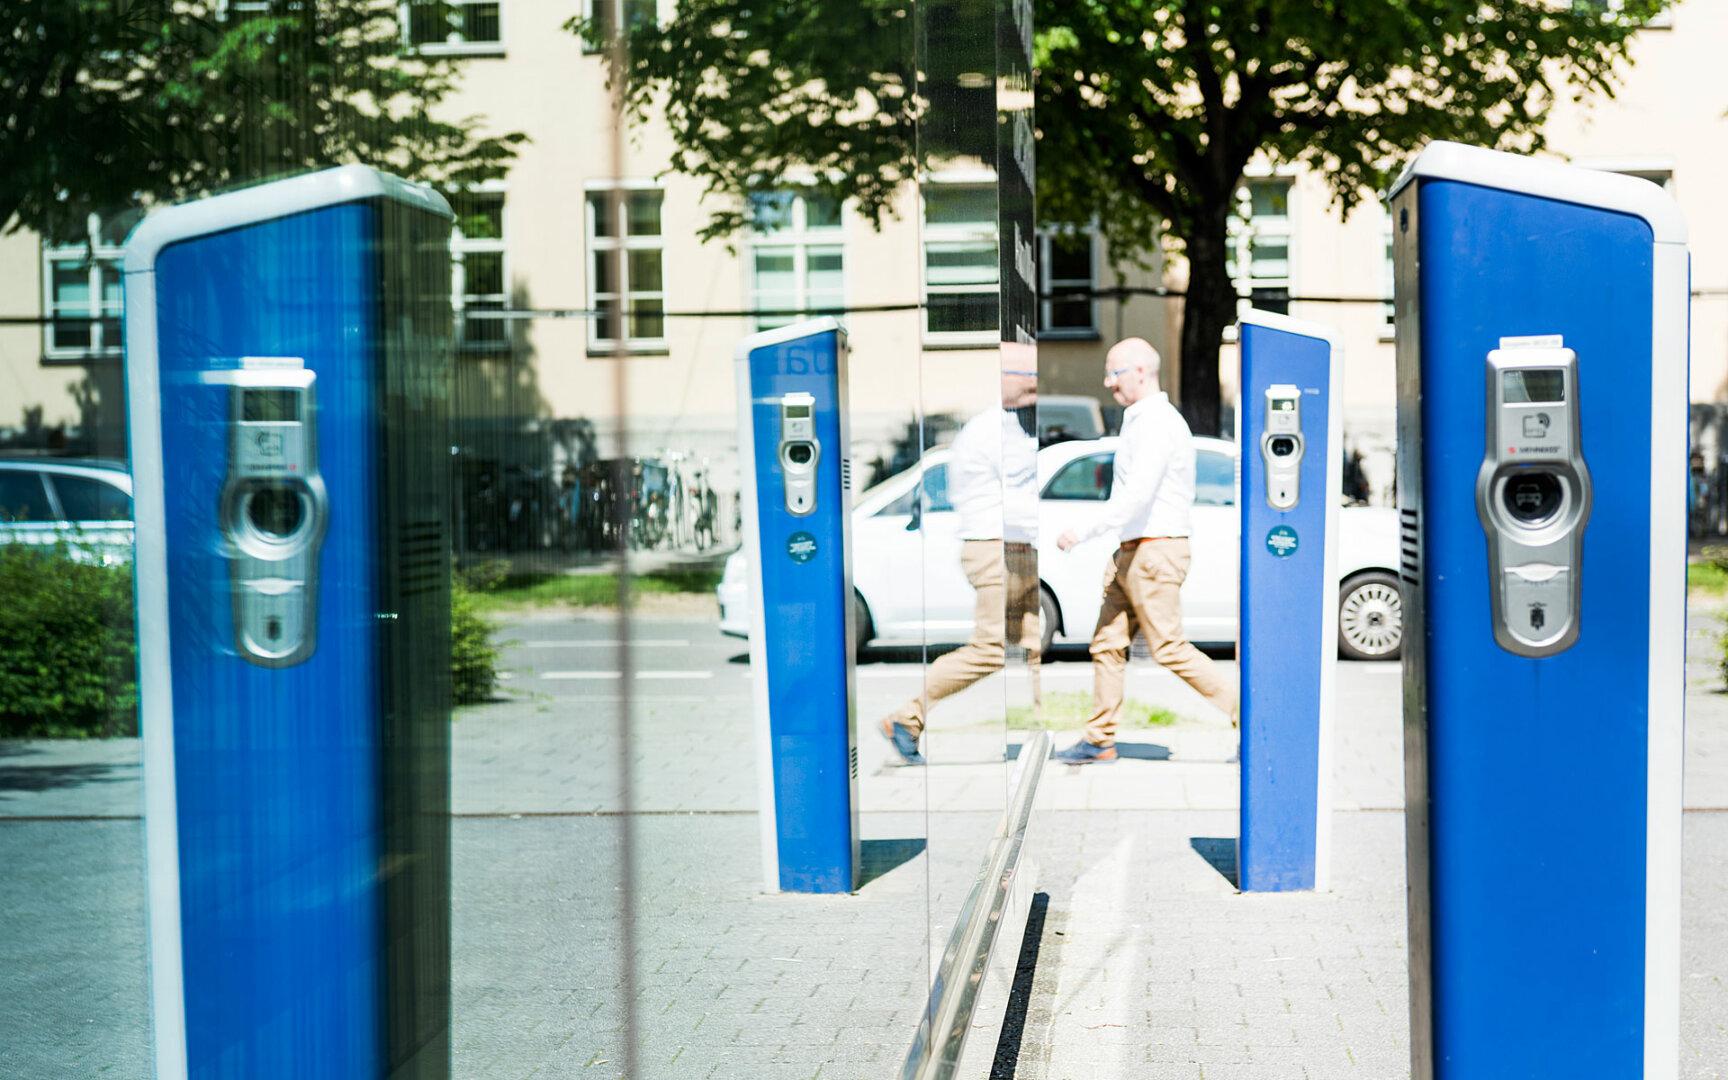 Mit öffentlichen Ladesäulen bringen Kommunen und Unternehmen die Elektromobilität voran